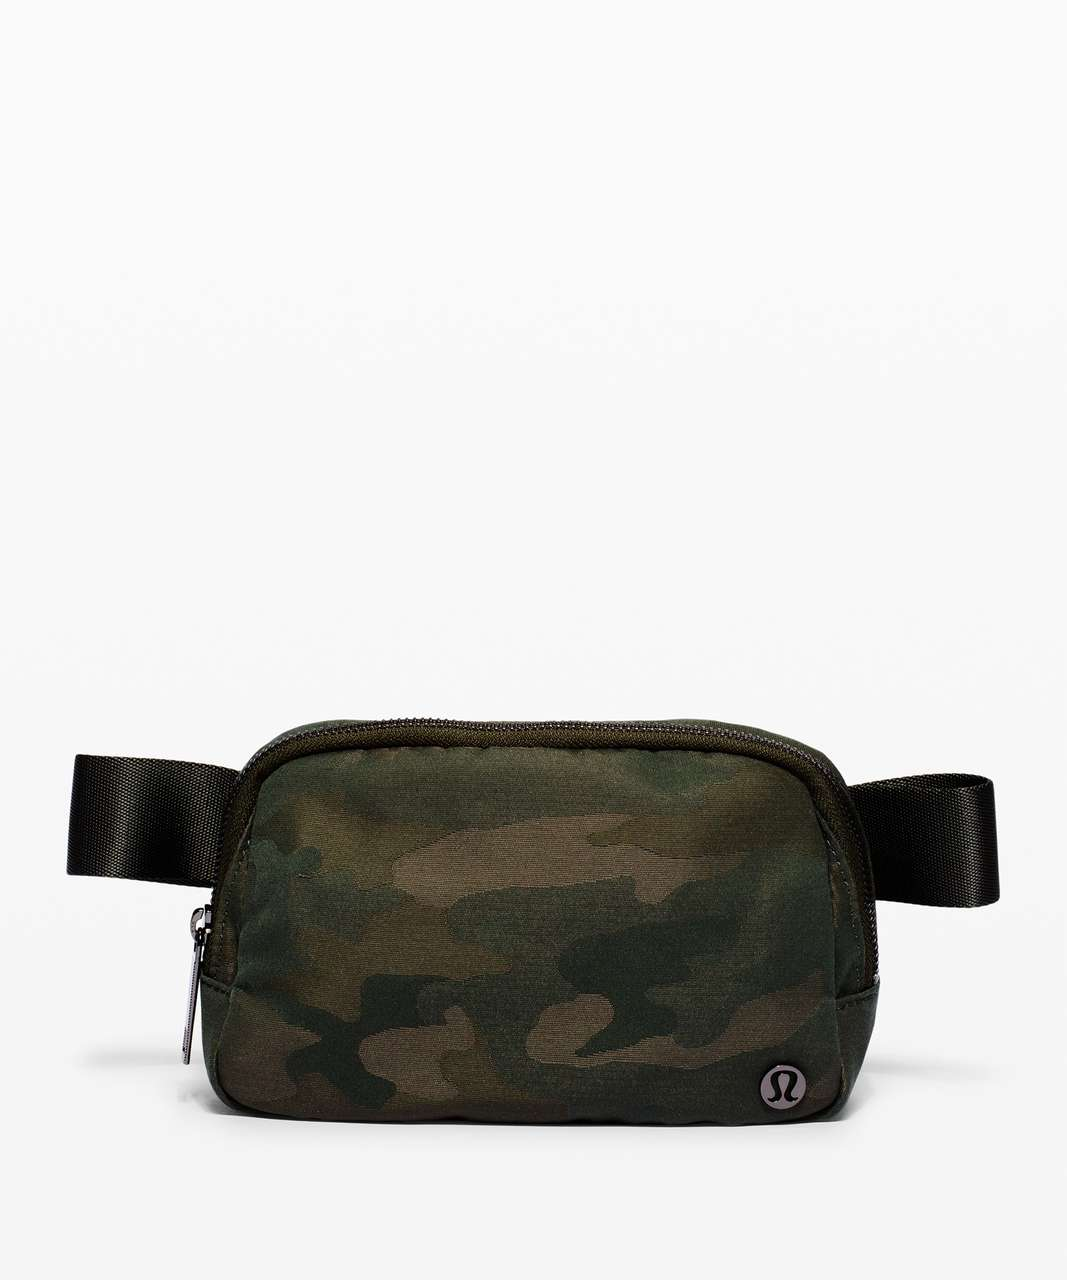 Lululemon Everywhere Belt Bag *1L - Heritage Camo Jacquard Max Dark Olive Sargent Green